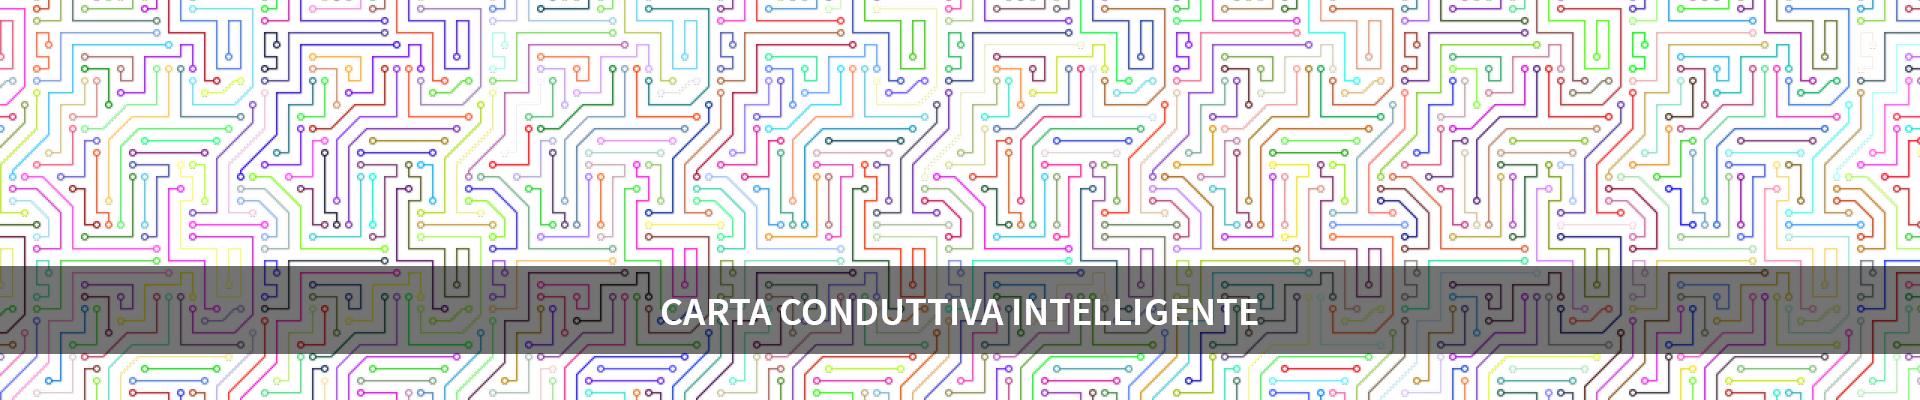 Carta Conduttiva Intelligente -